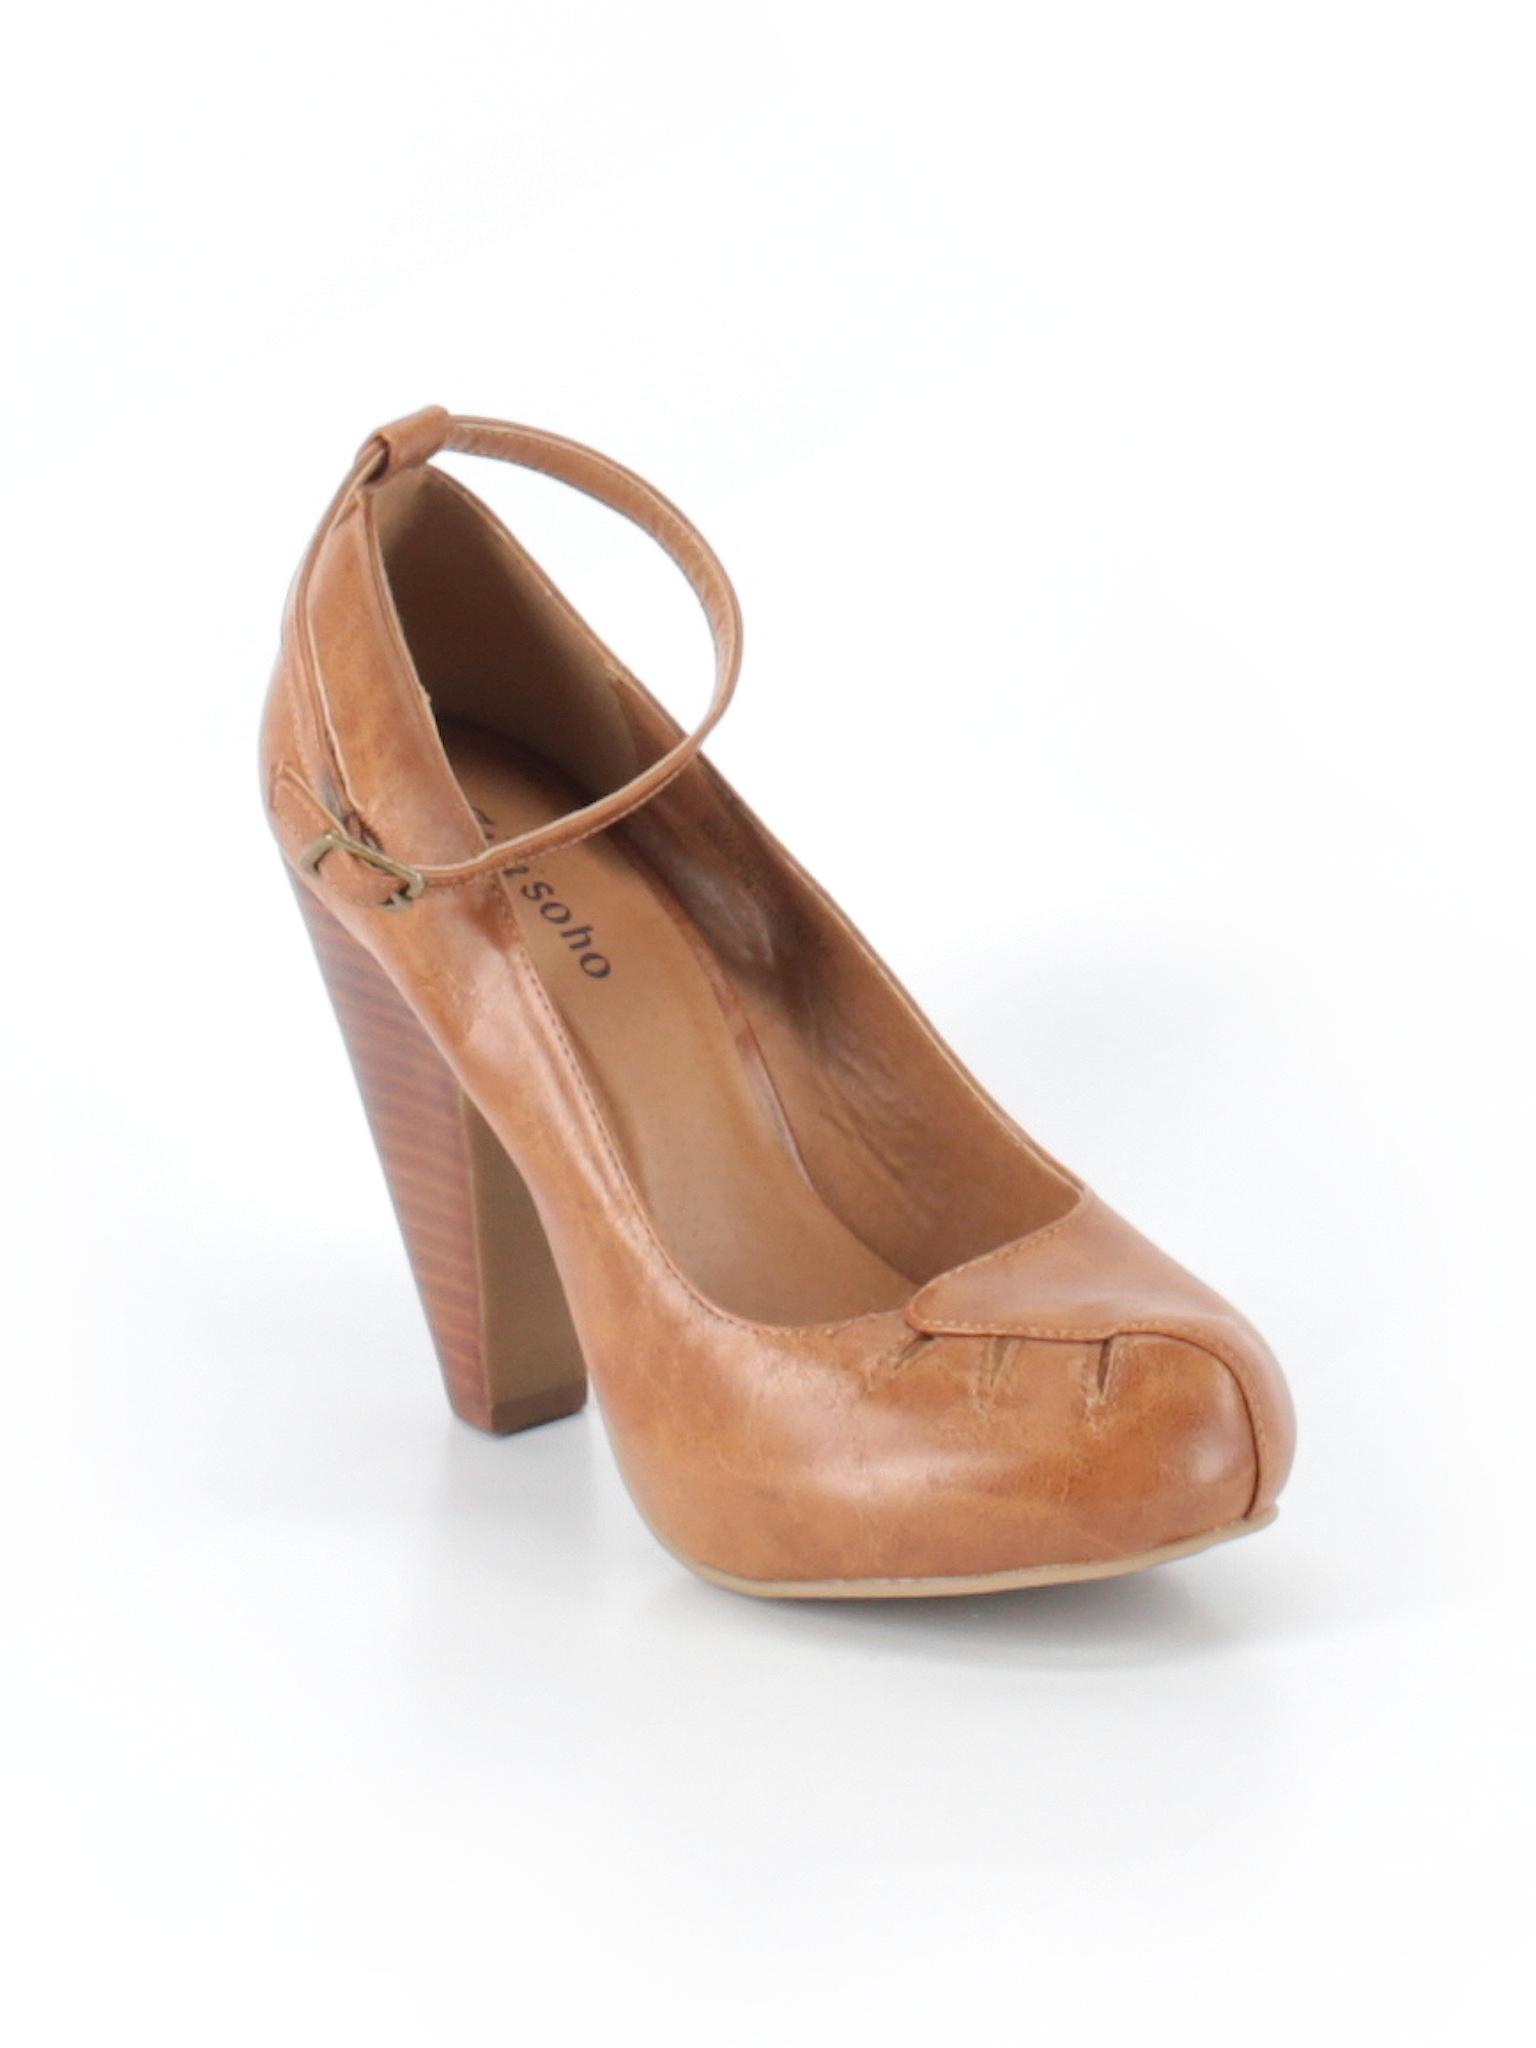 Soho Heels Zigi Zigi Soho promotion Boutique Heels Boutique promotion Boutique promotion 6qqSv15w